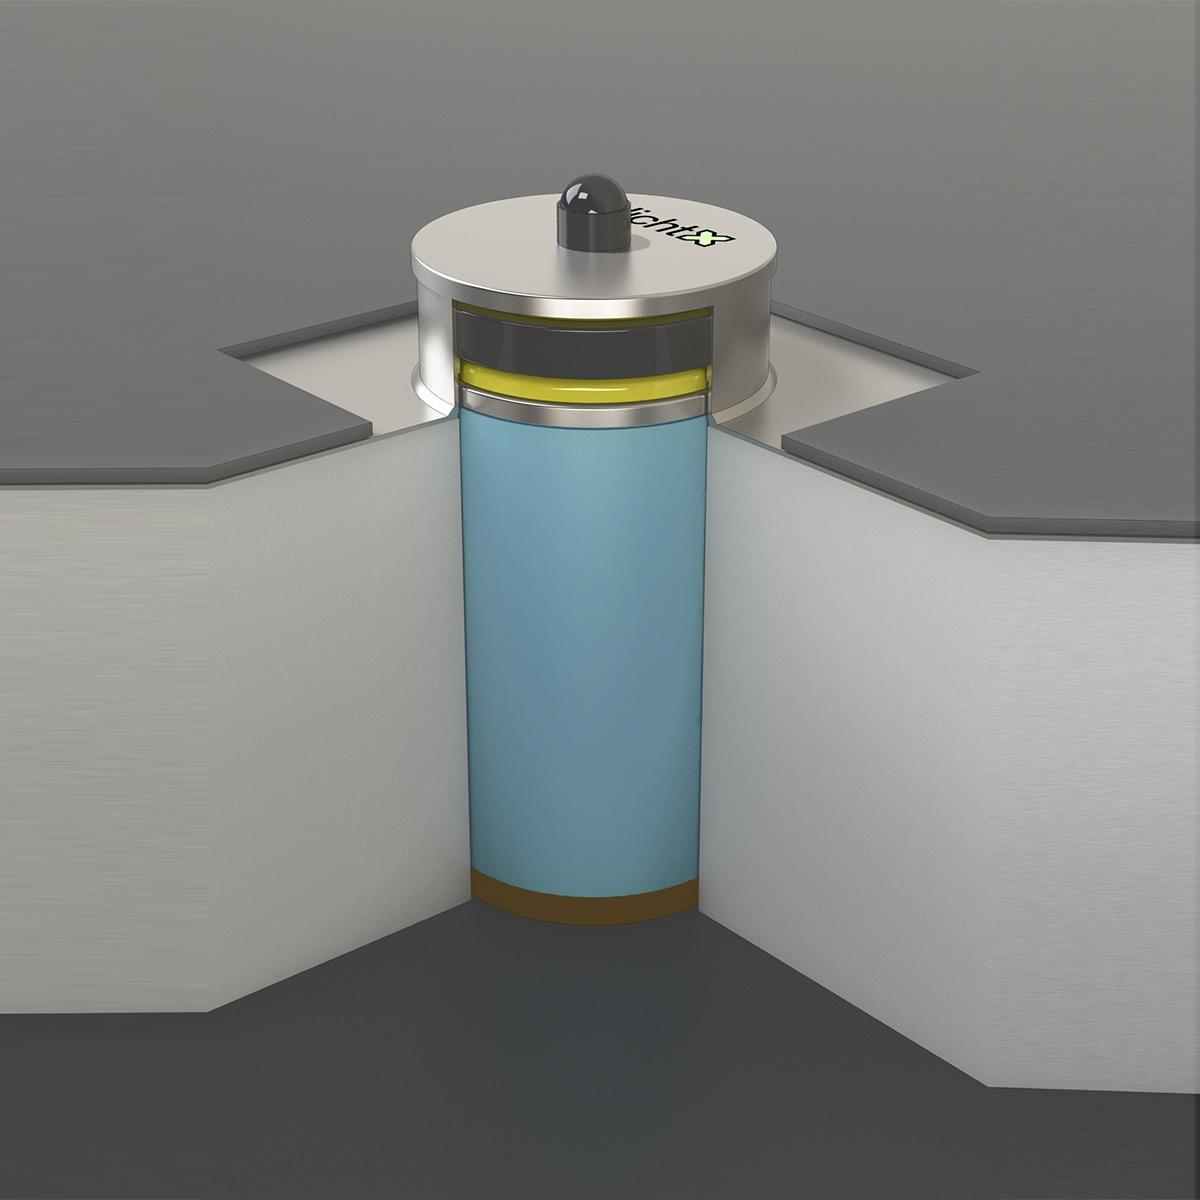 Kontrollstutzen-Eingebaut